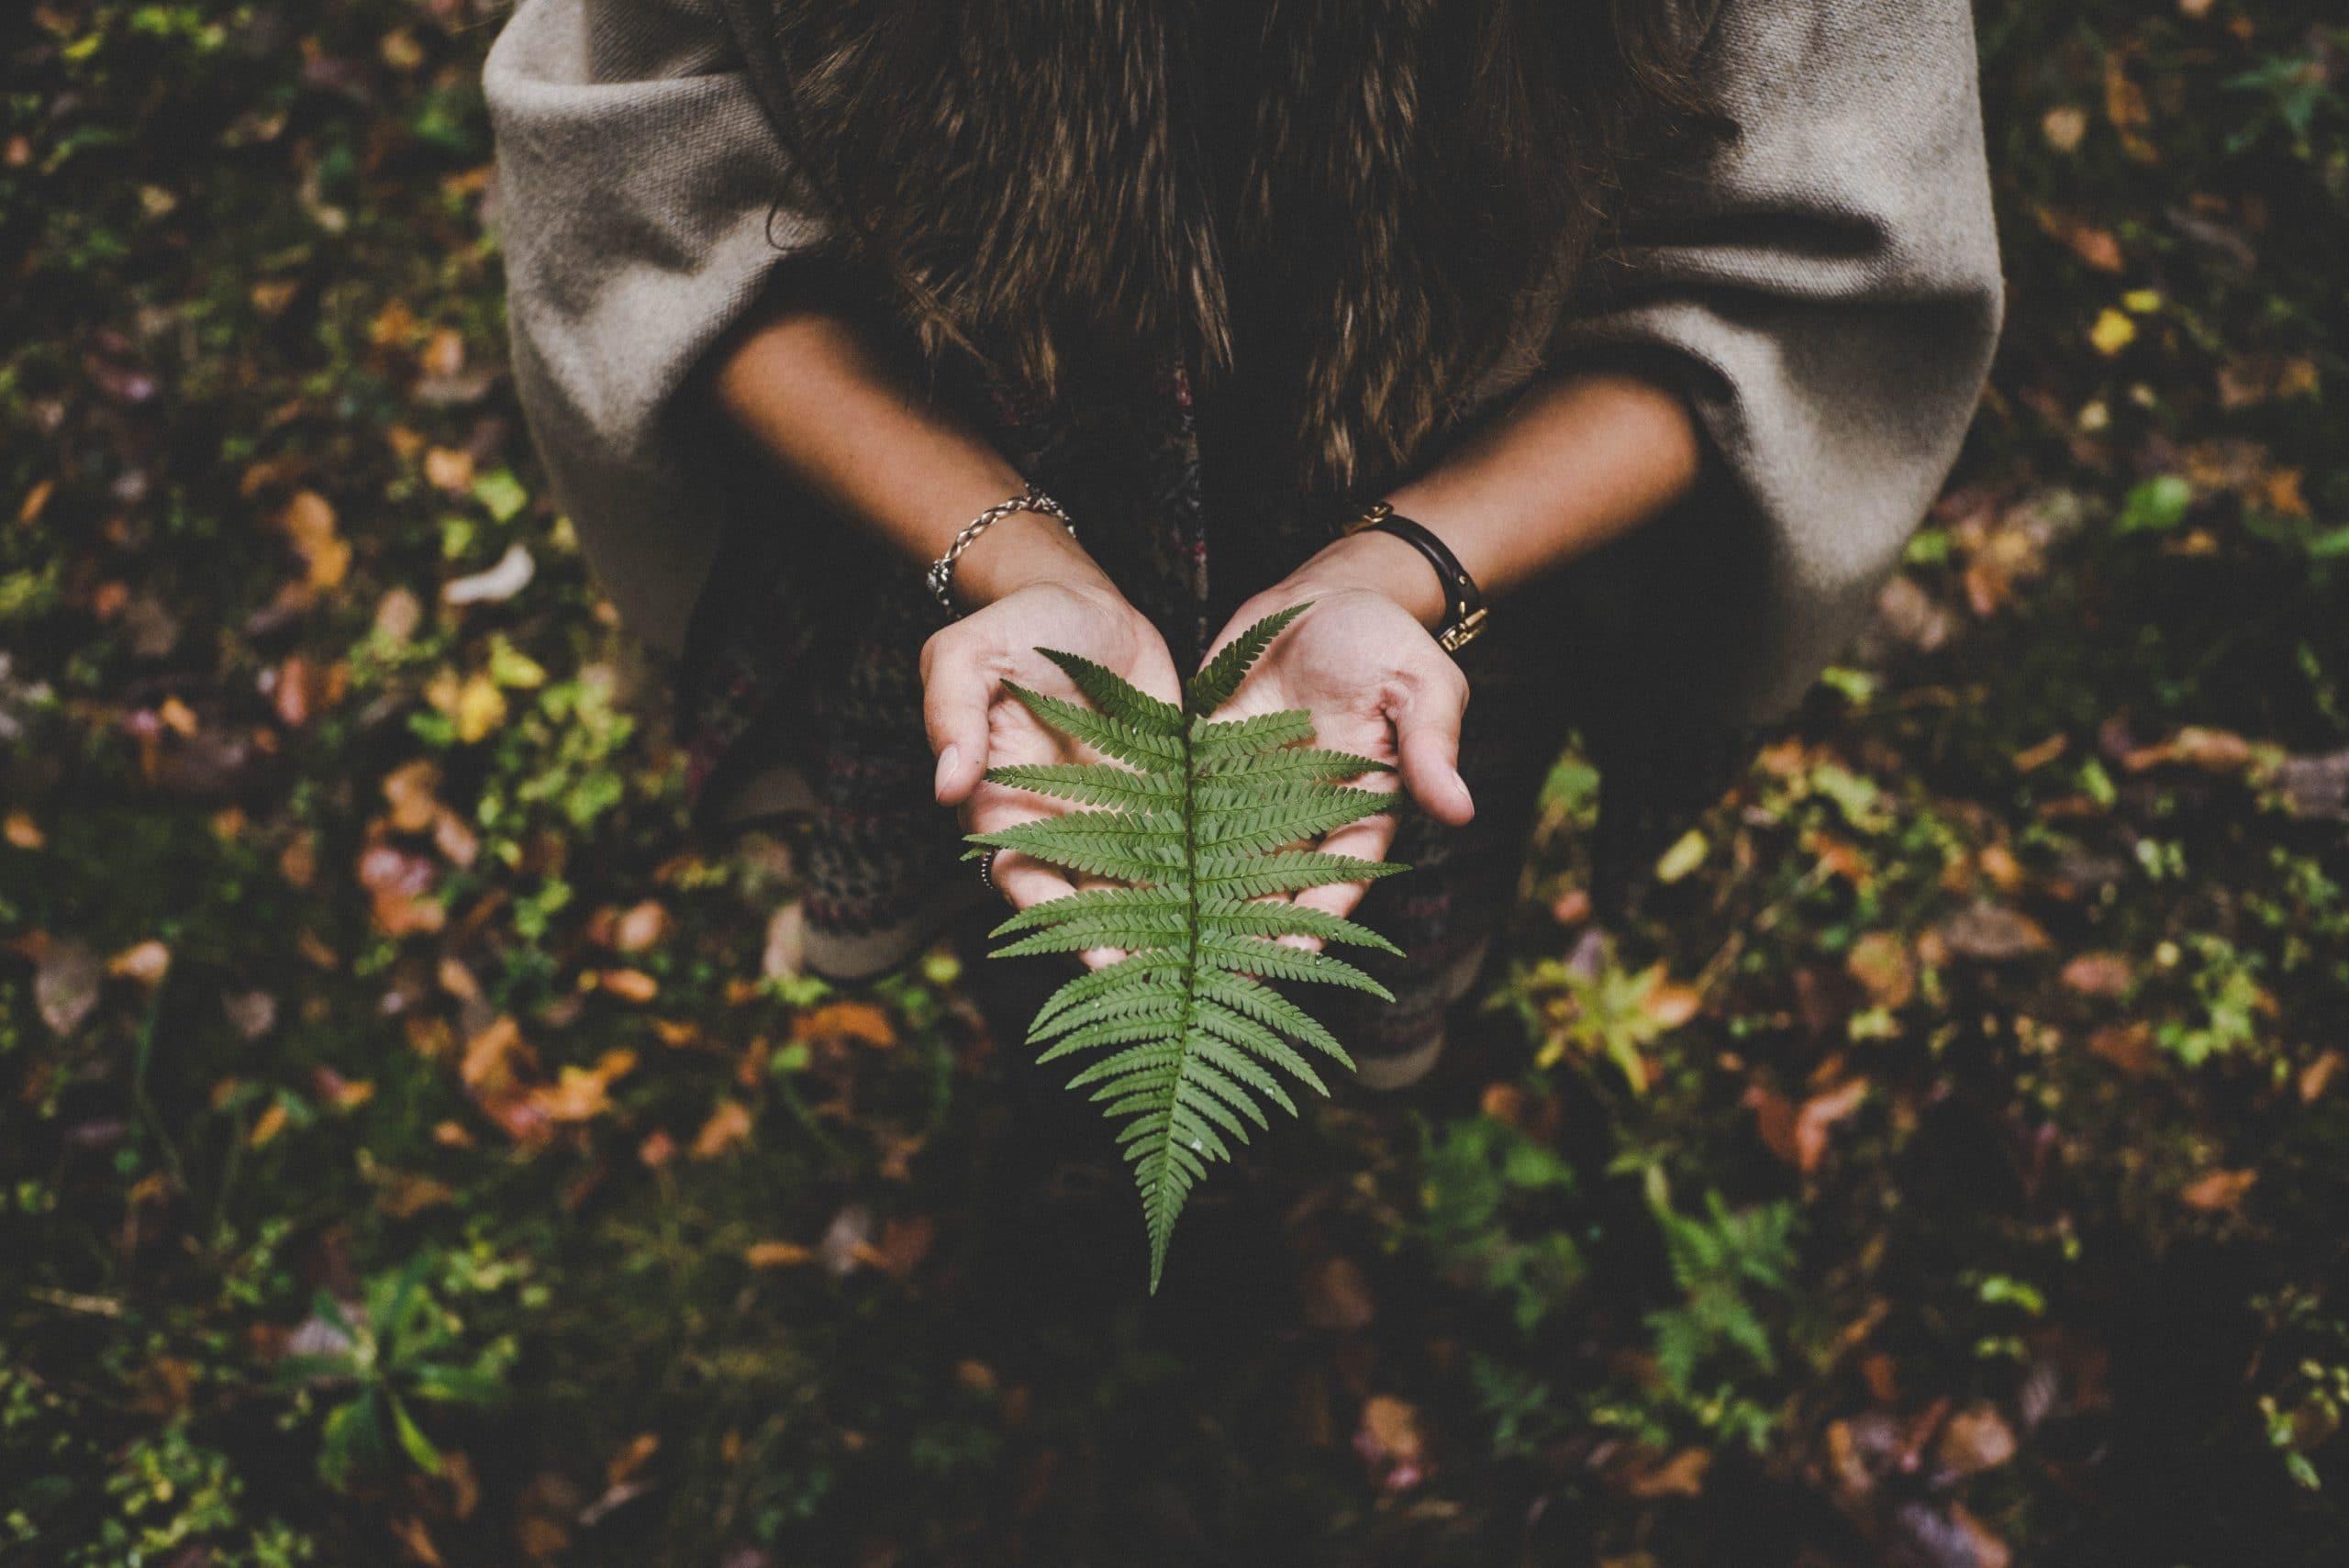 Garota segurando uma folha nas mãos, sentada em meio à natureza.